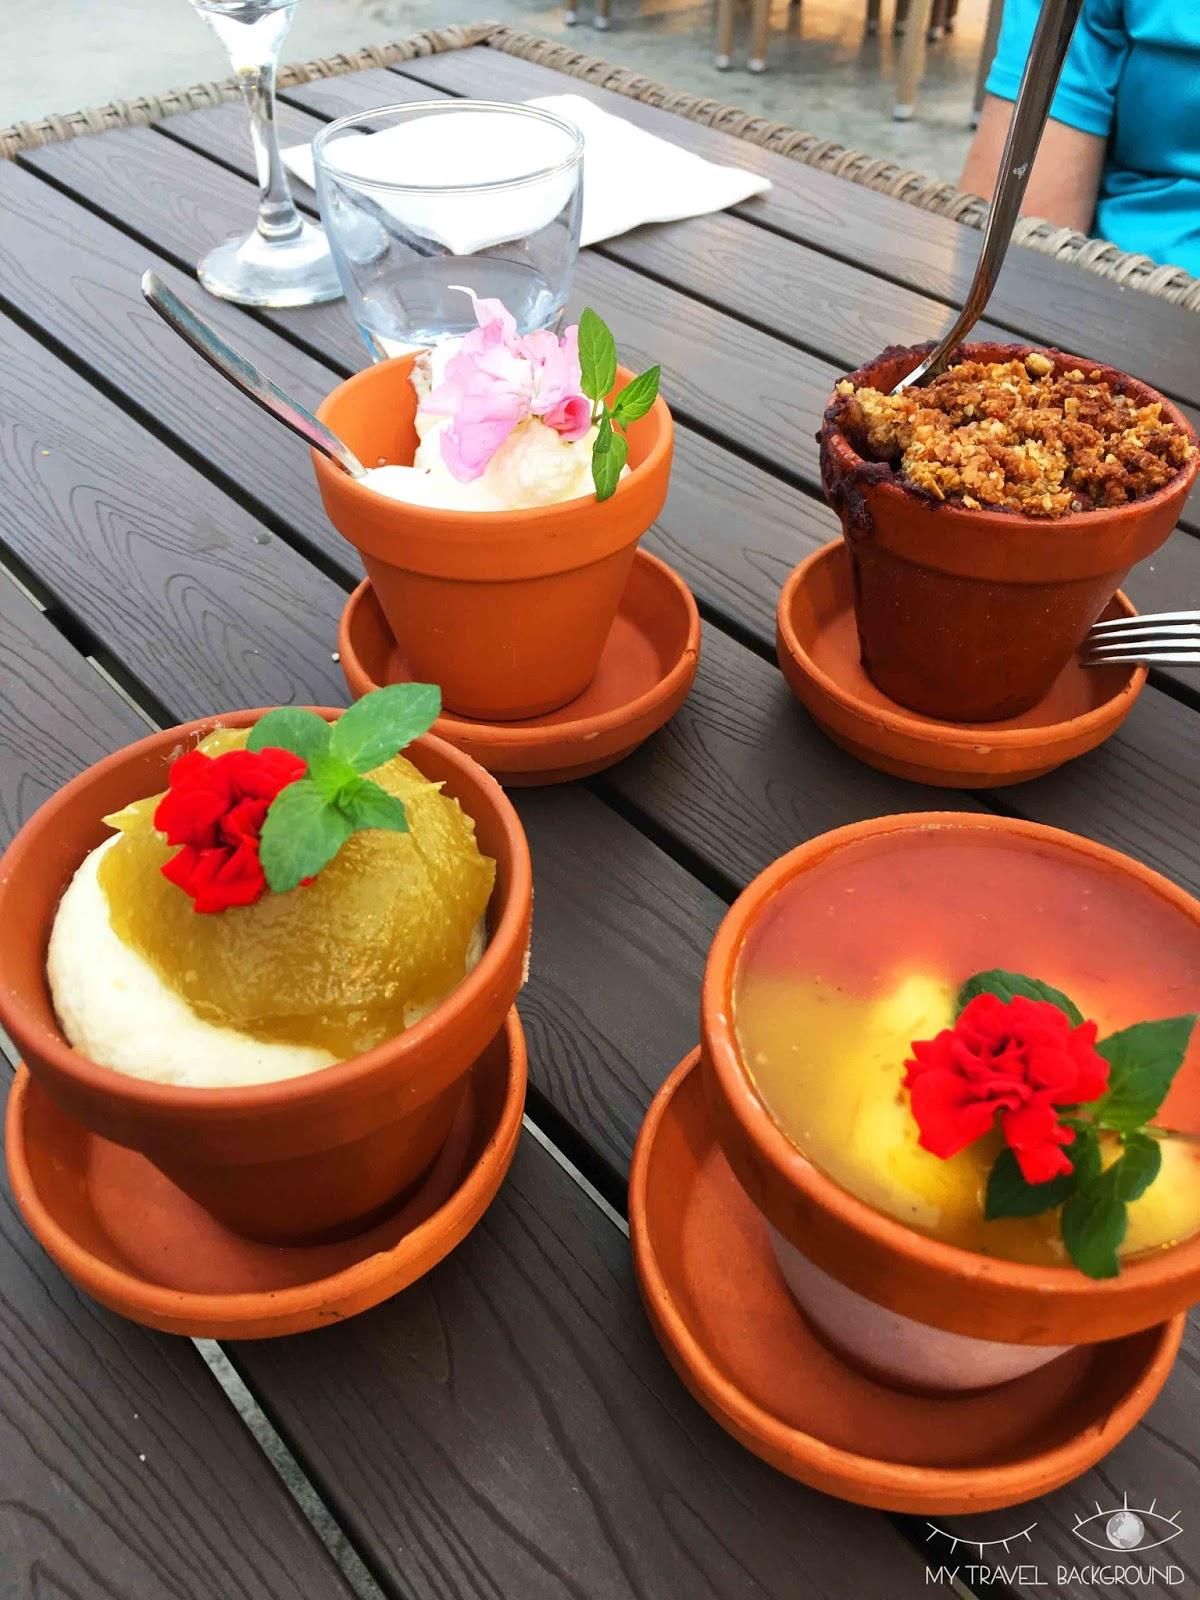 My Travel Background : 14 plats typiques dégustés en voyage - Repas à la tomate en Islande, Fridheimar